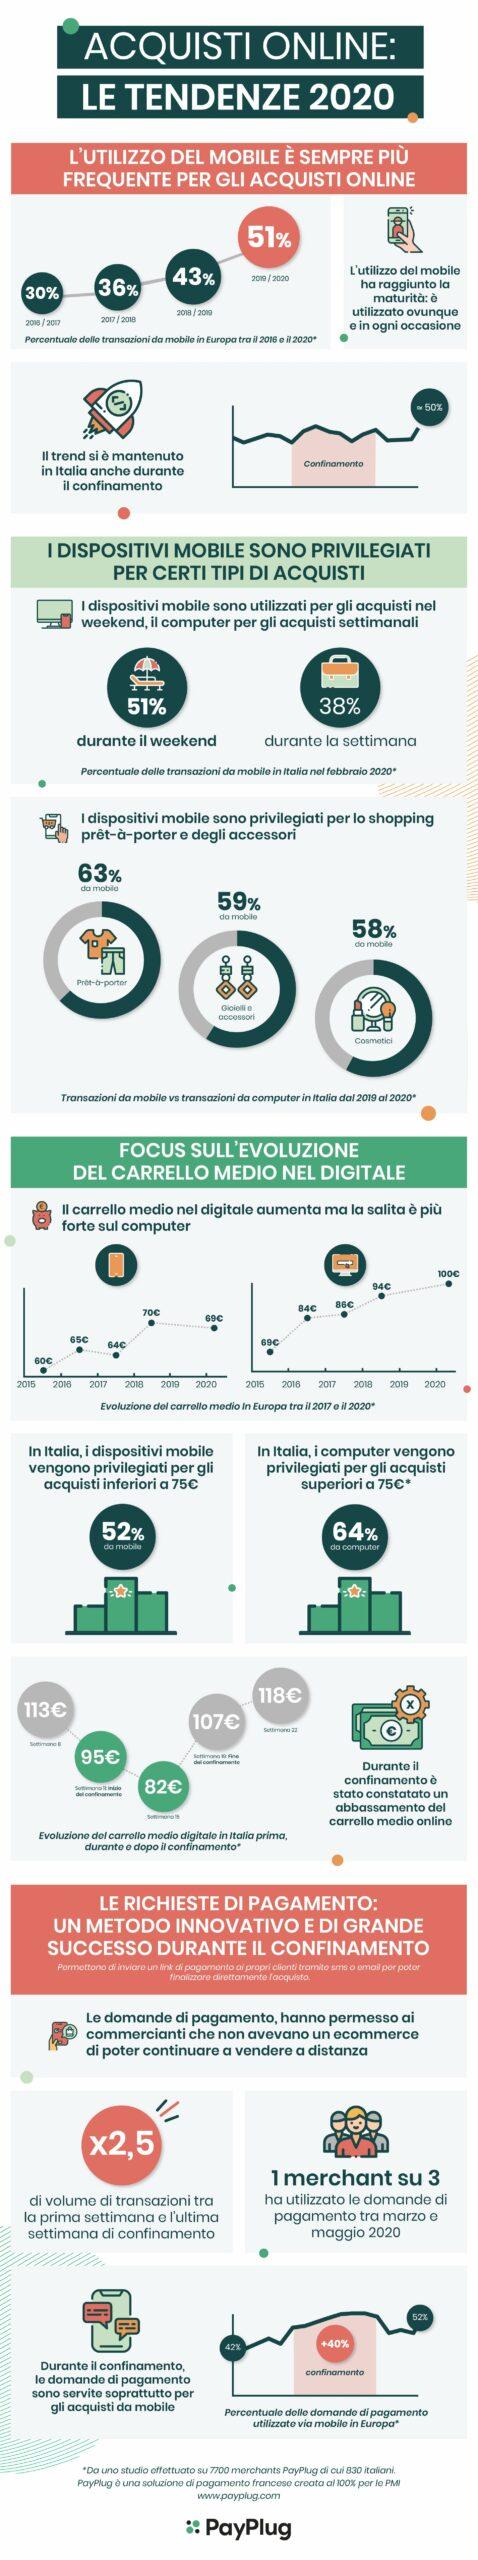 Infografica acquisti online 2020 - covid